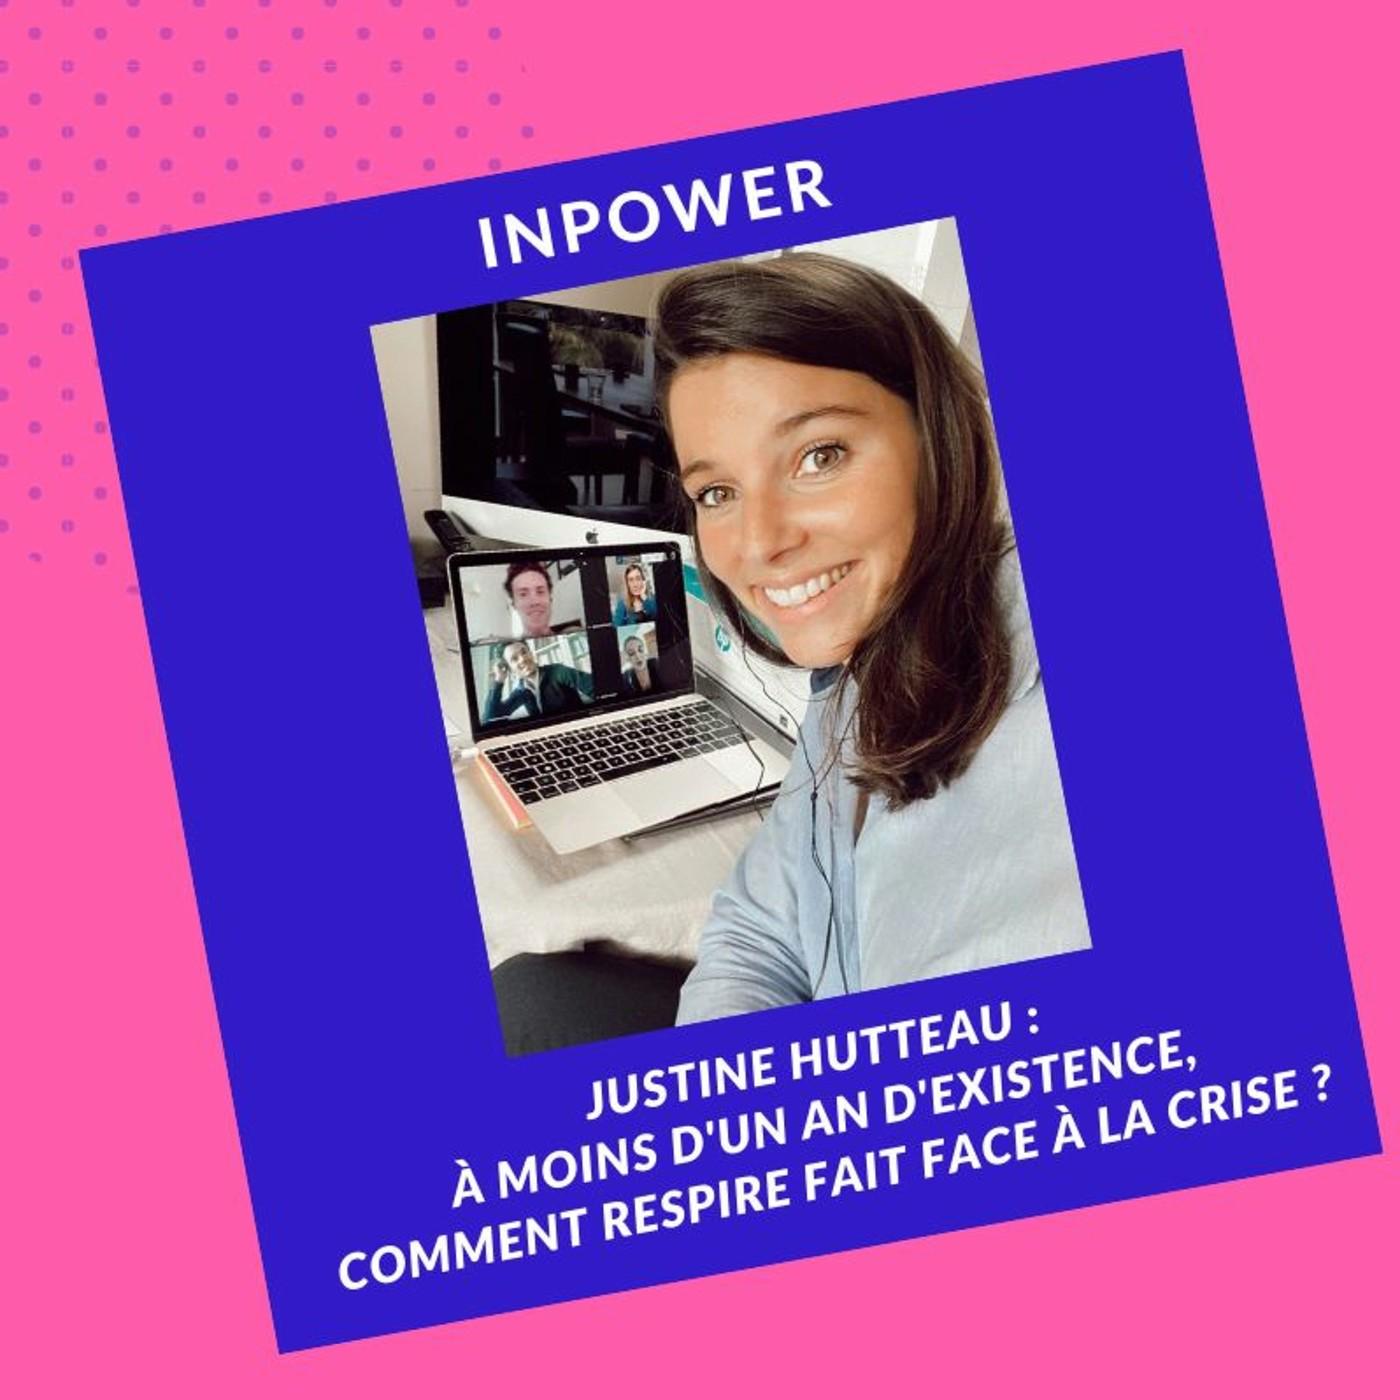 Justine Hutteau - À moins d'un an d'existence, comment Respire fait face à la crise ?